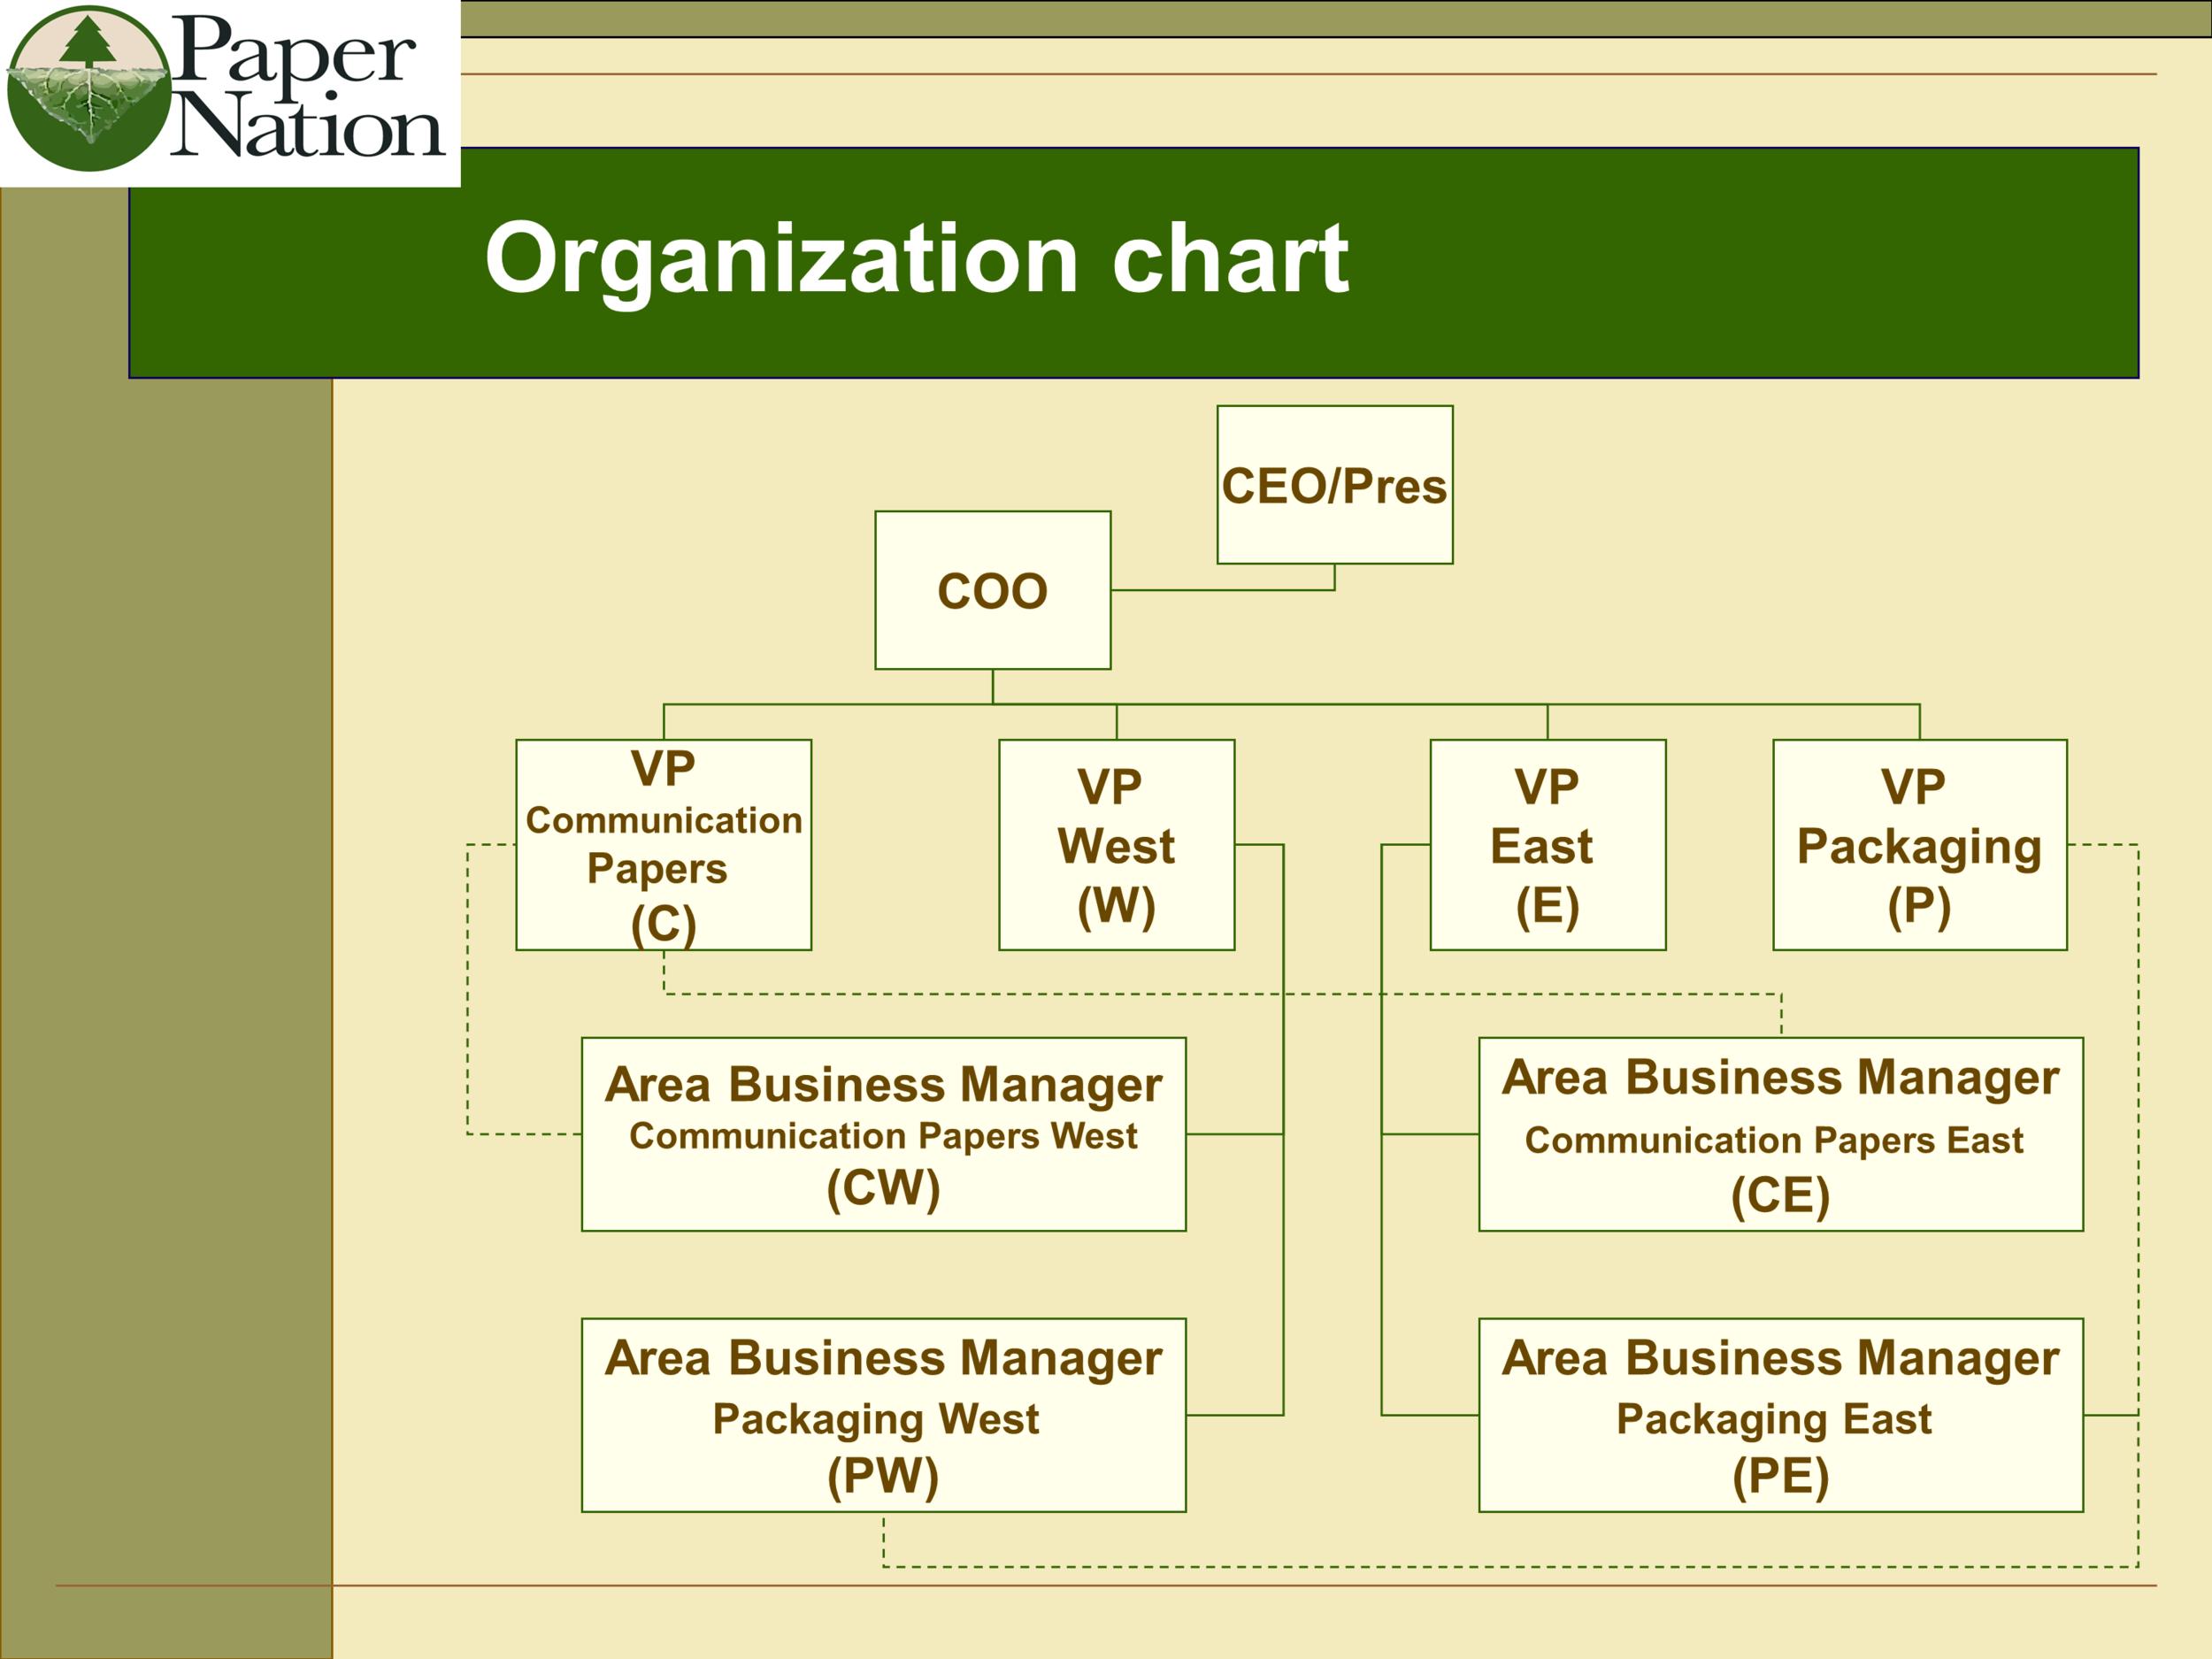 Paper Nation Organization Chart